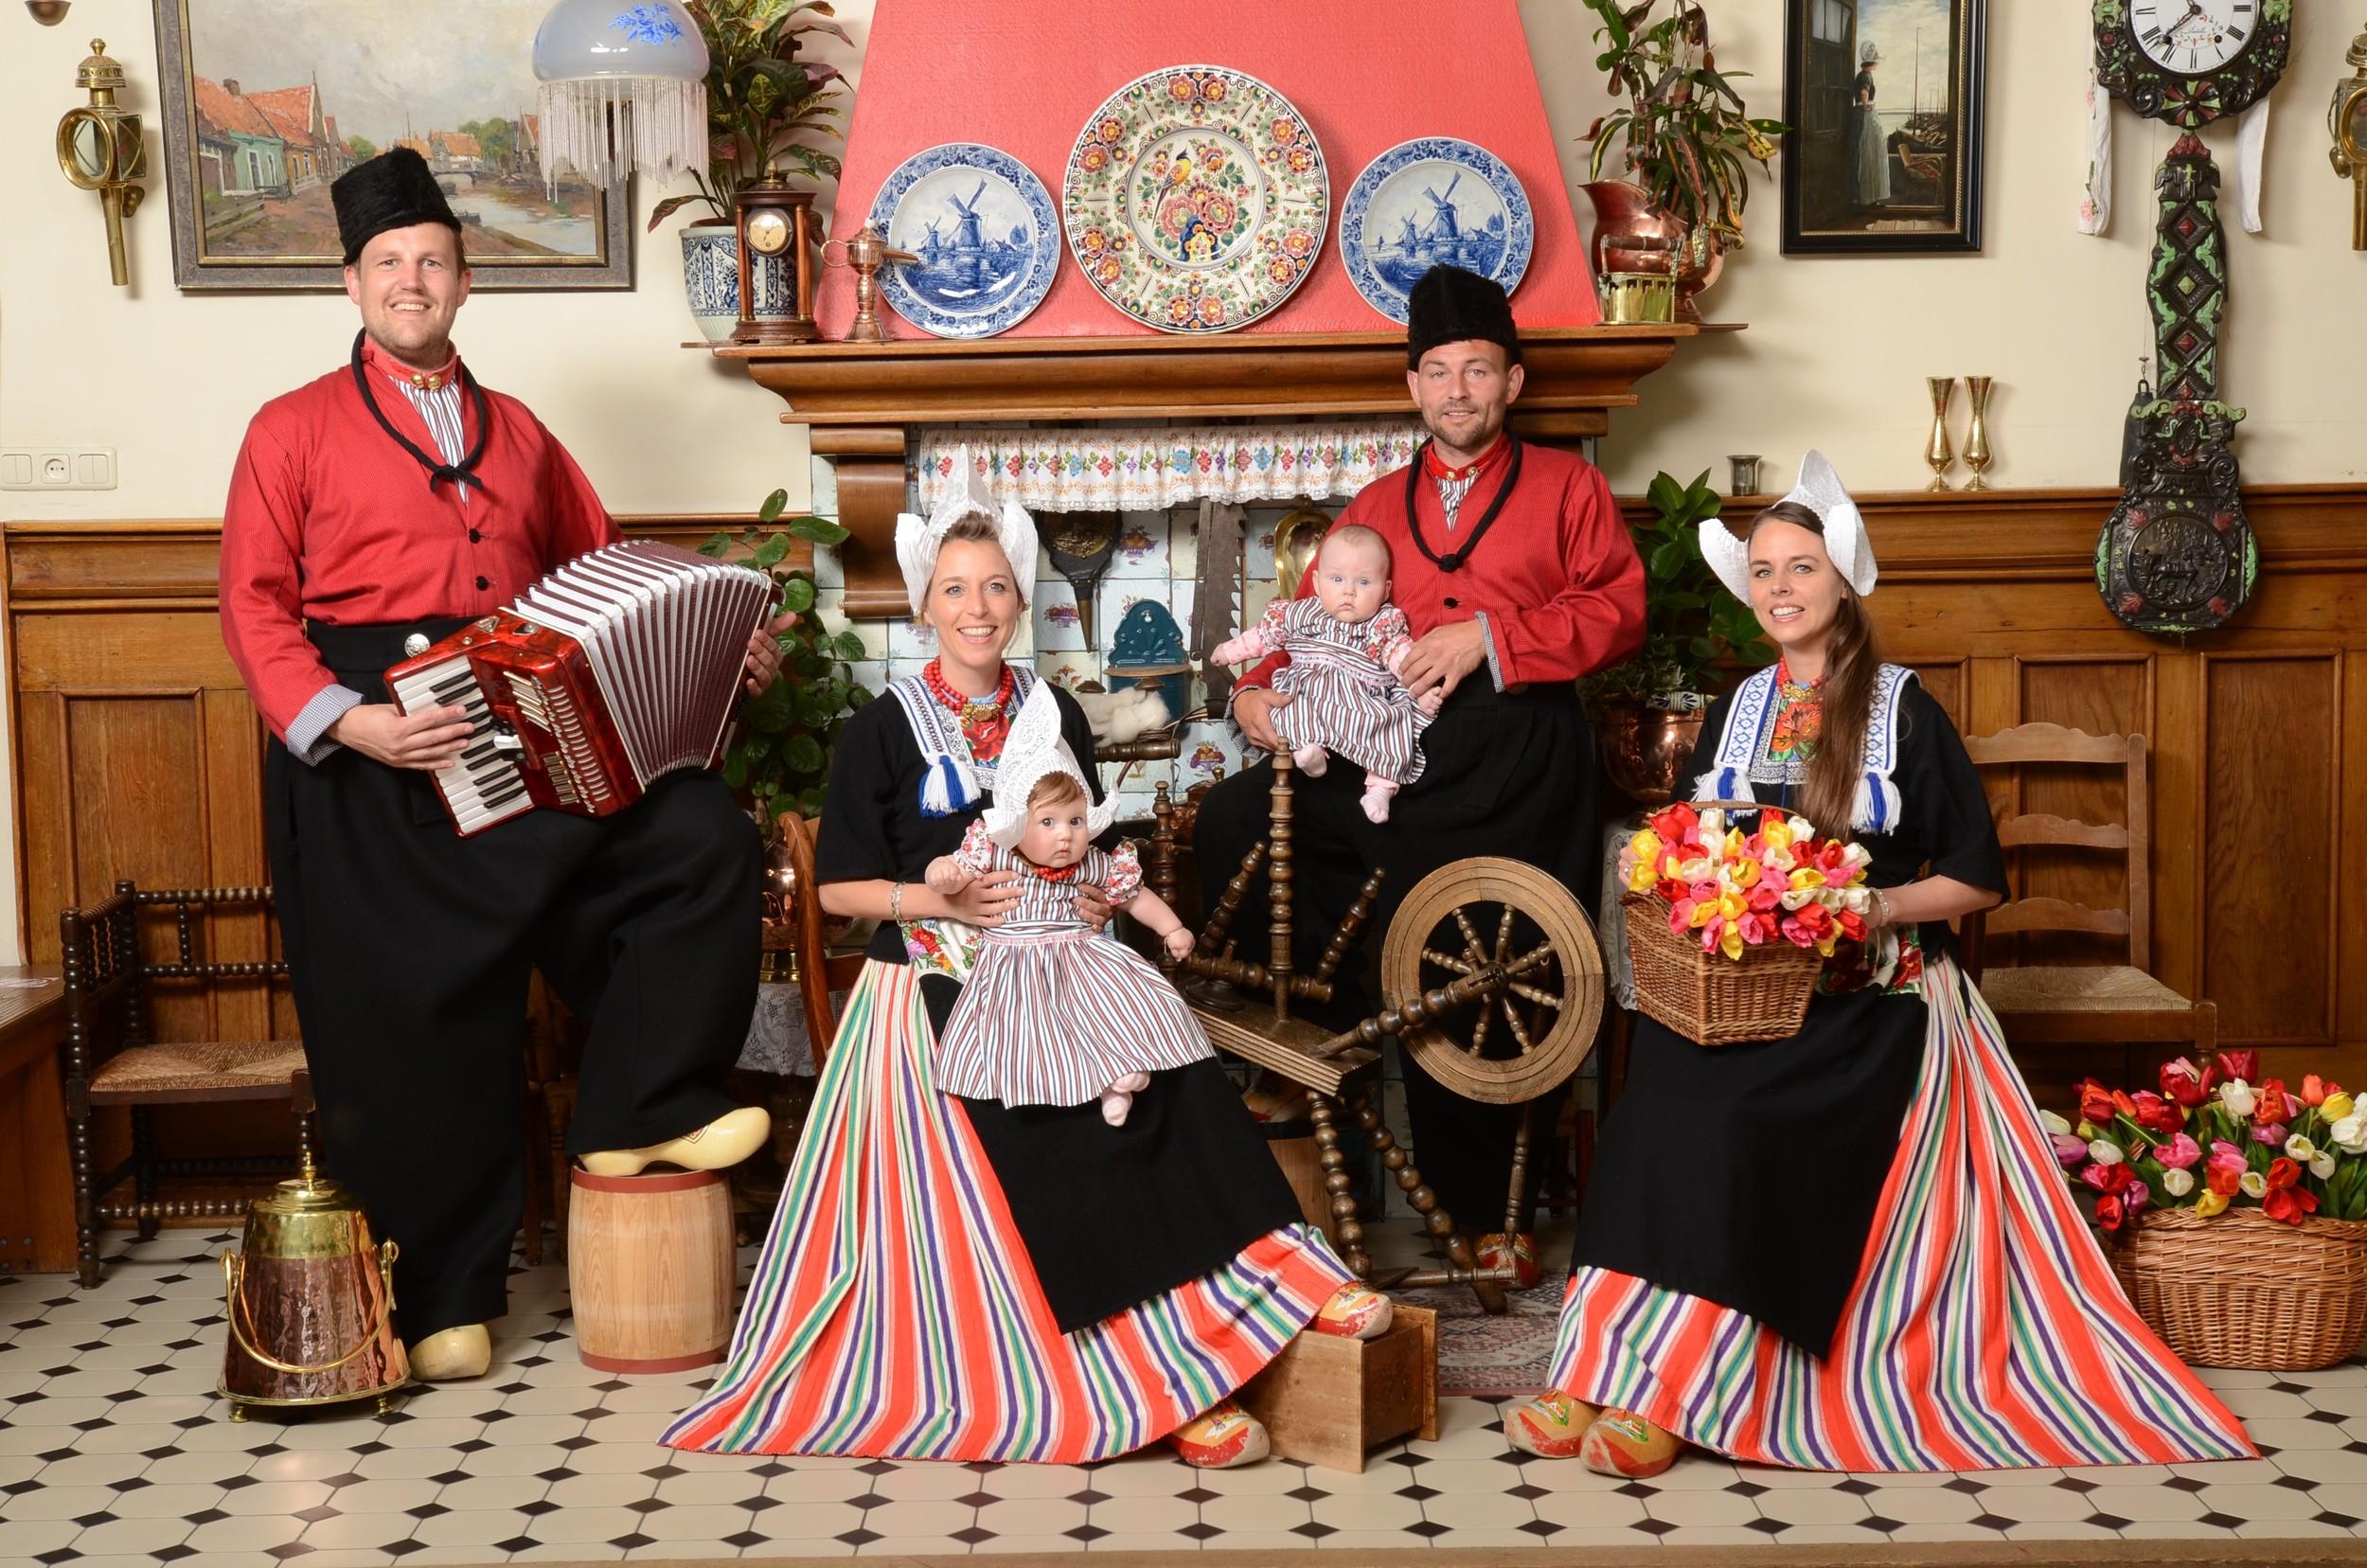 Families in Volendam costume